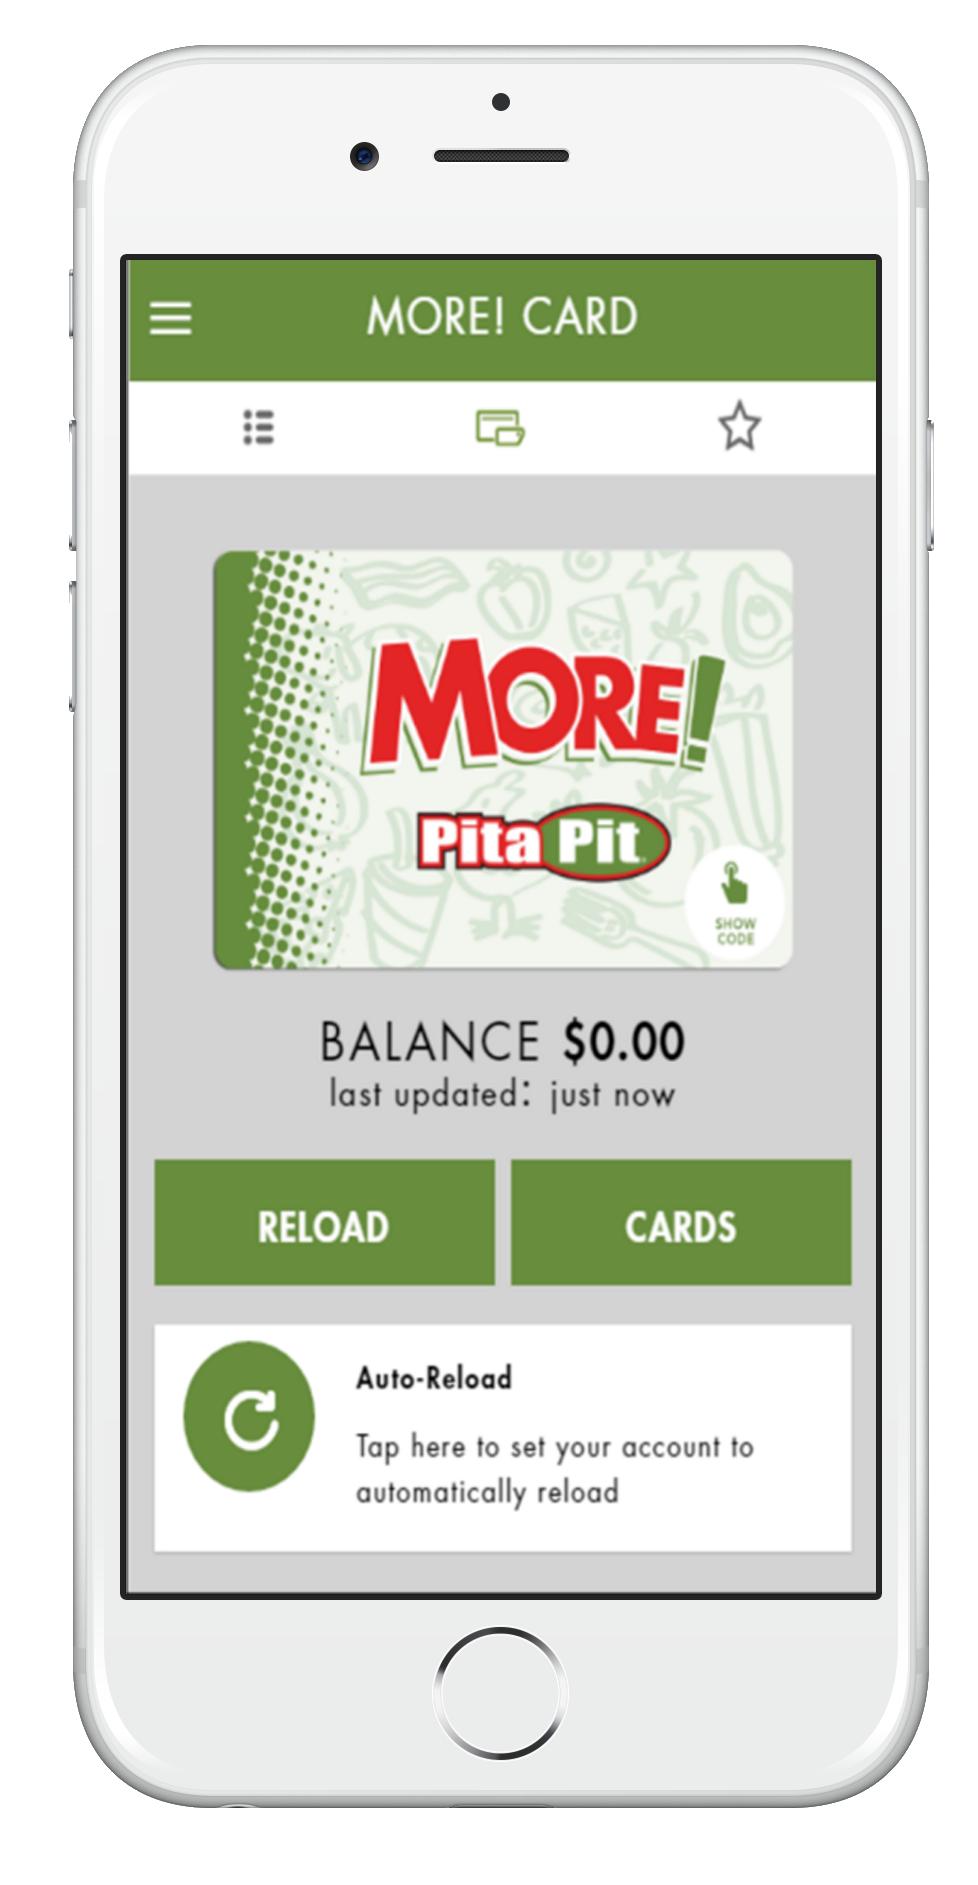 pitapit app2.png